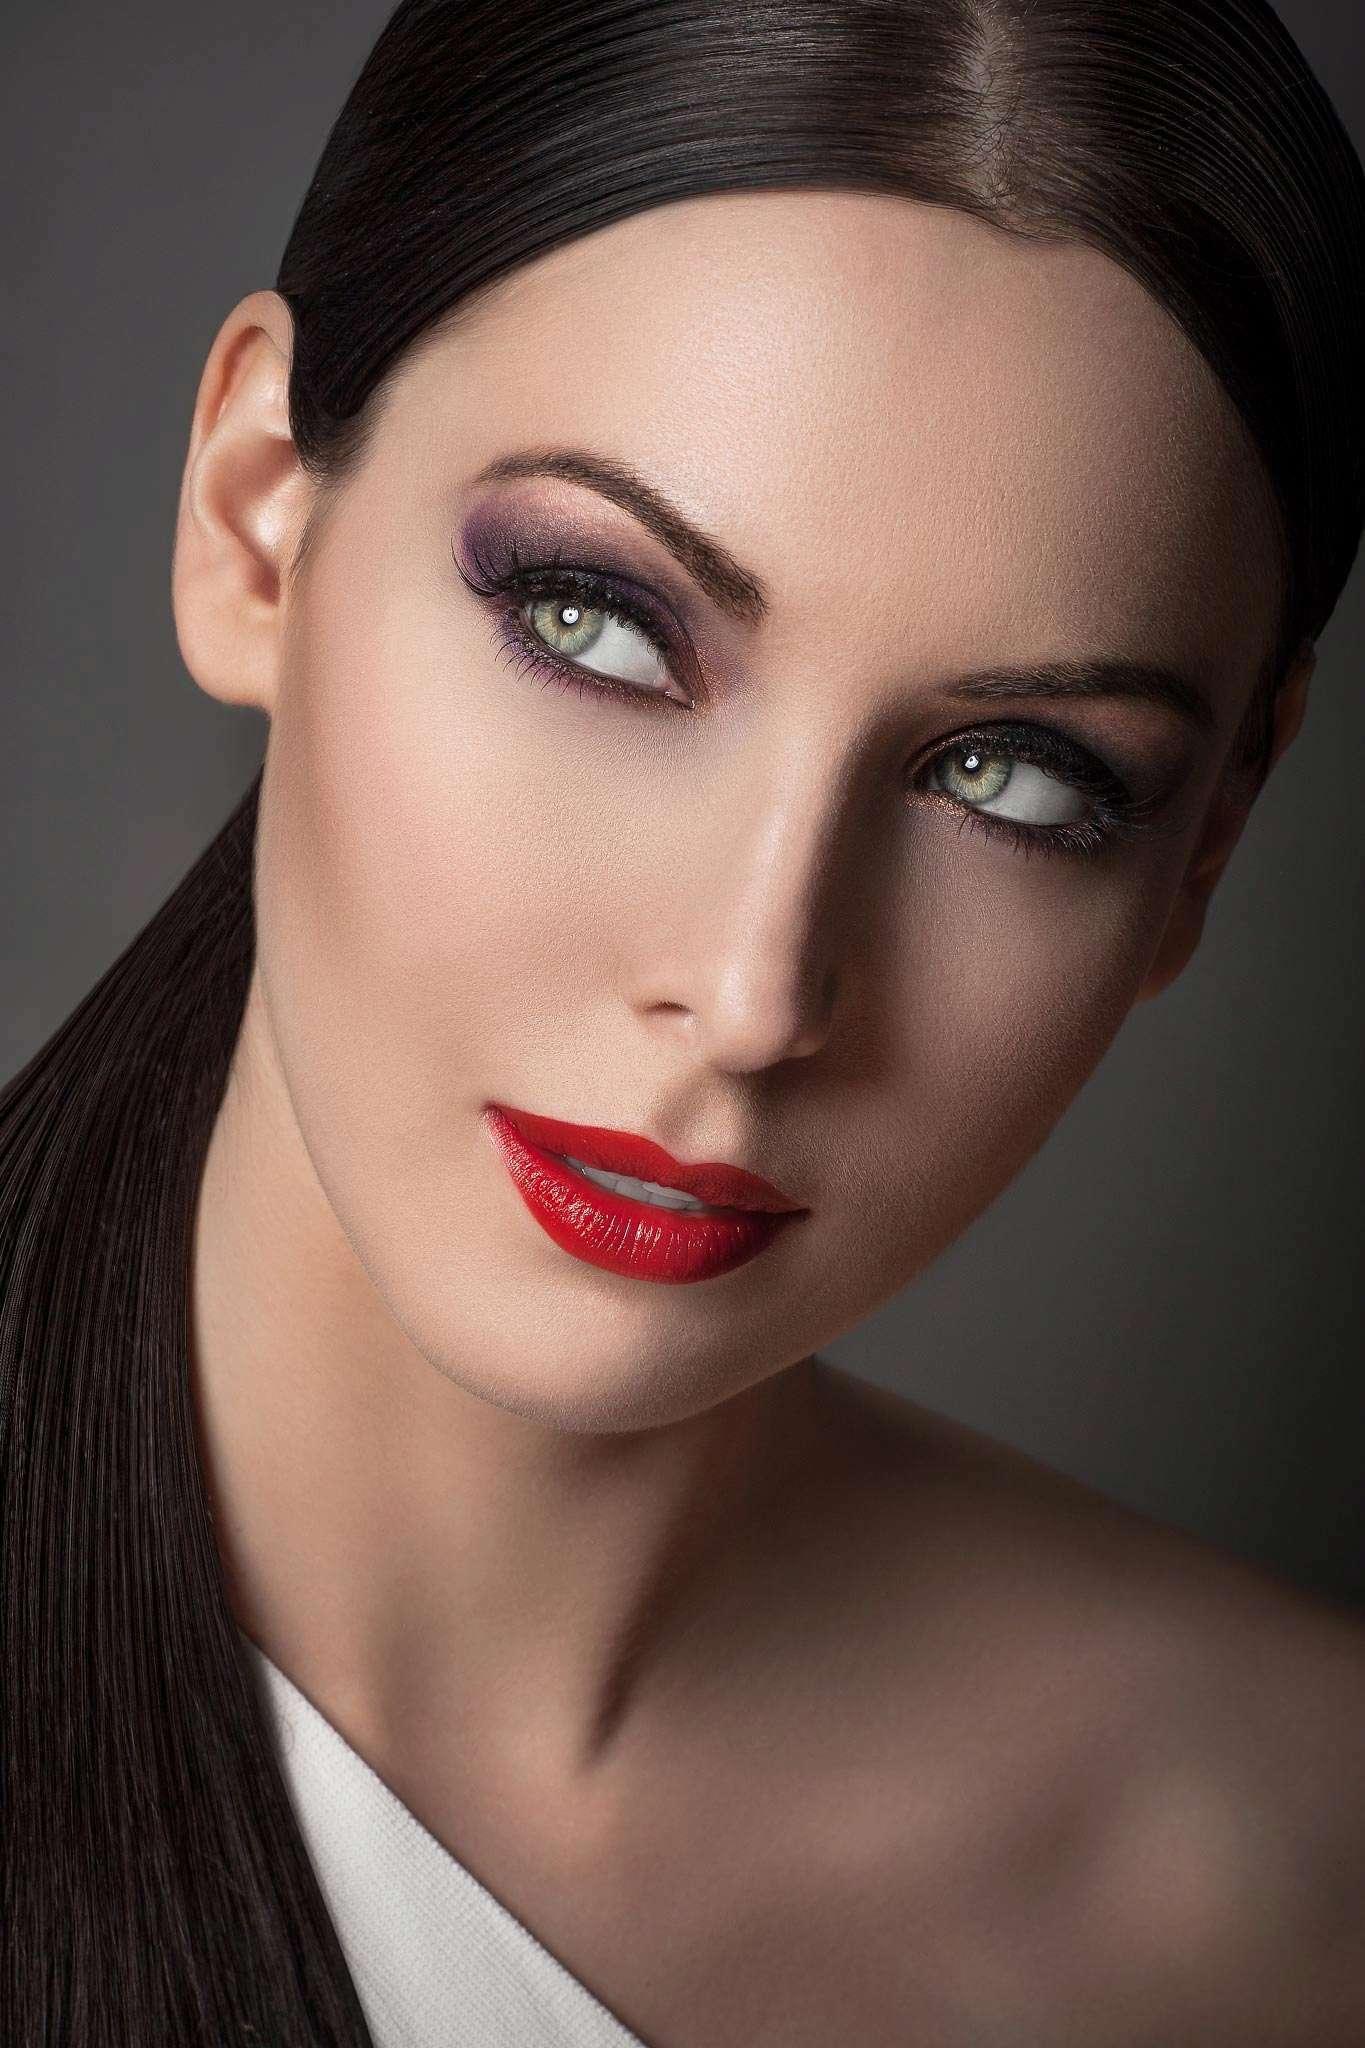 natalie glebova, miss universe 2005. Dxkkil10